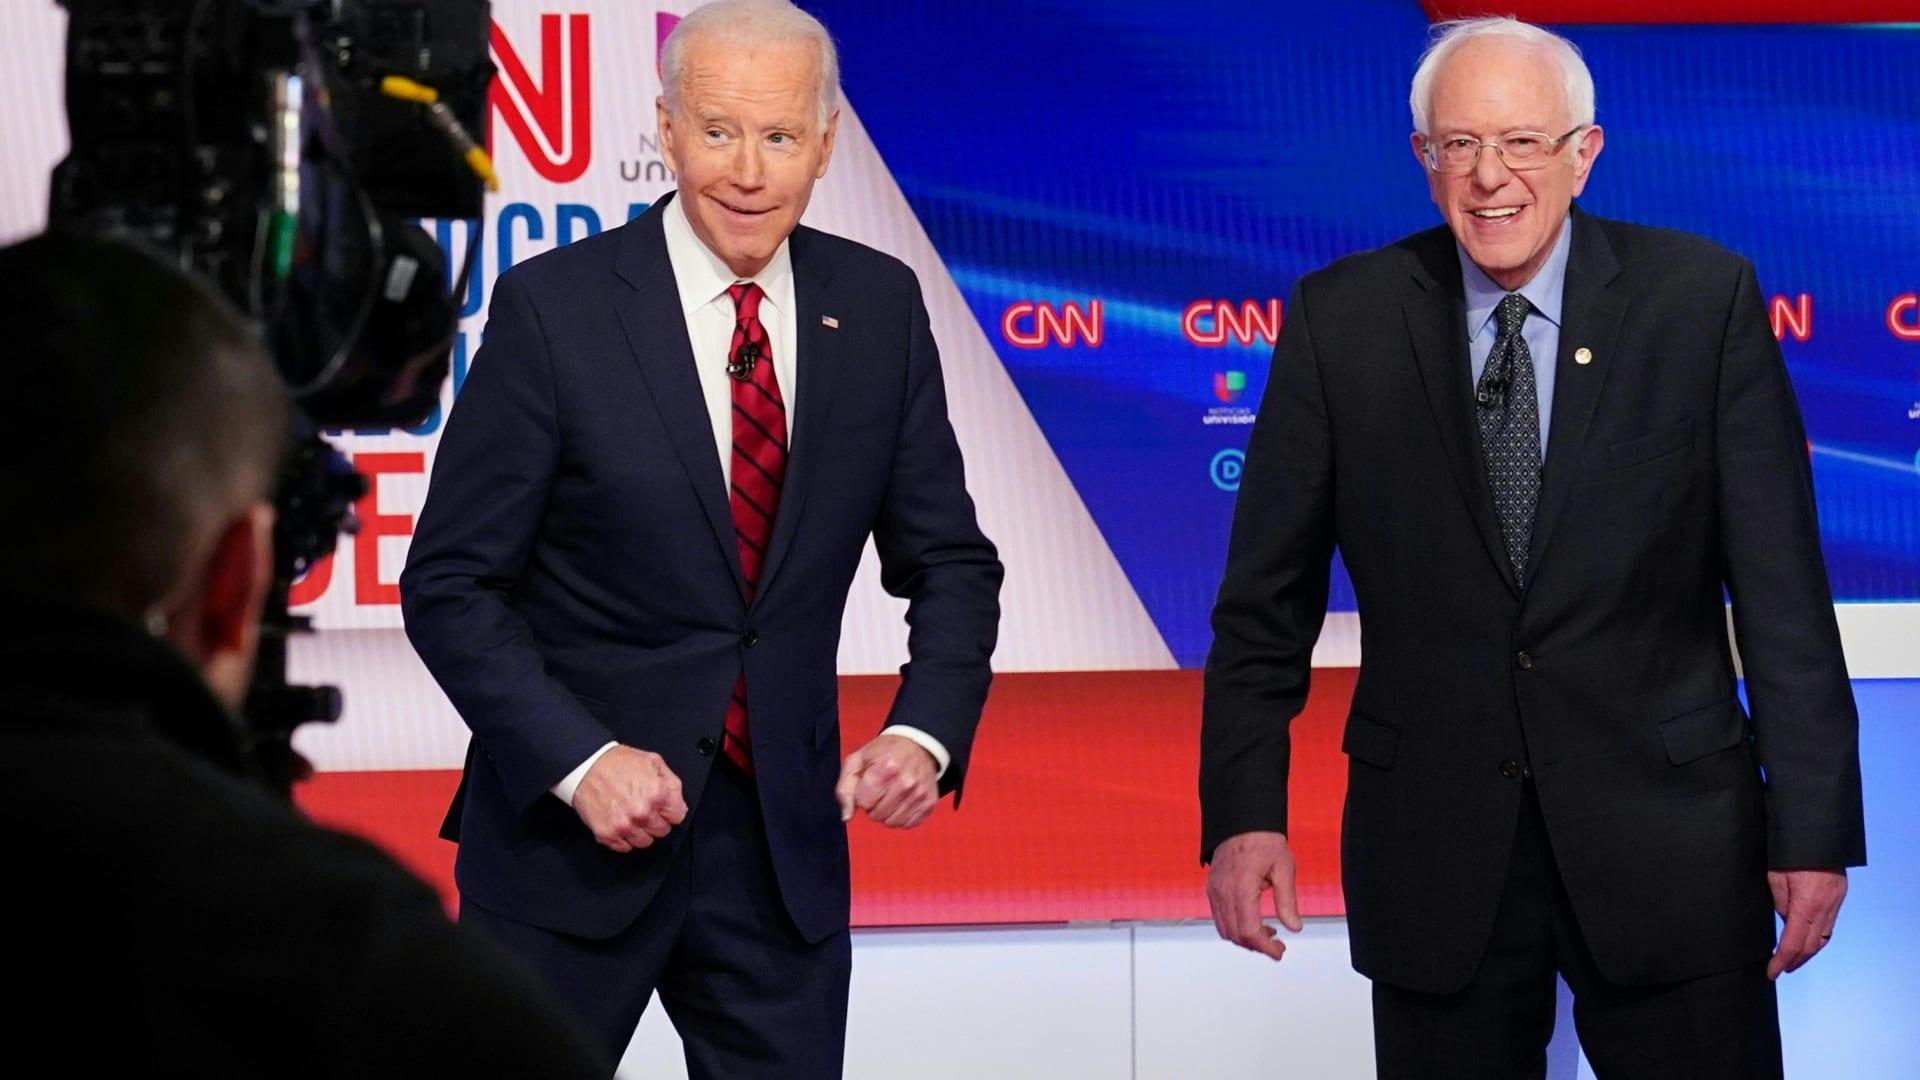 الثالثة ثابتة.. نظرة على مسيرة جو بايدن ومحاولات الترشح للفوز برئاسة أمريكا